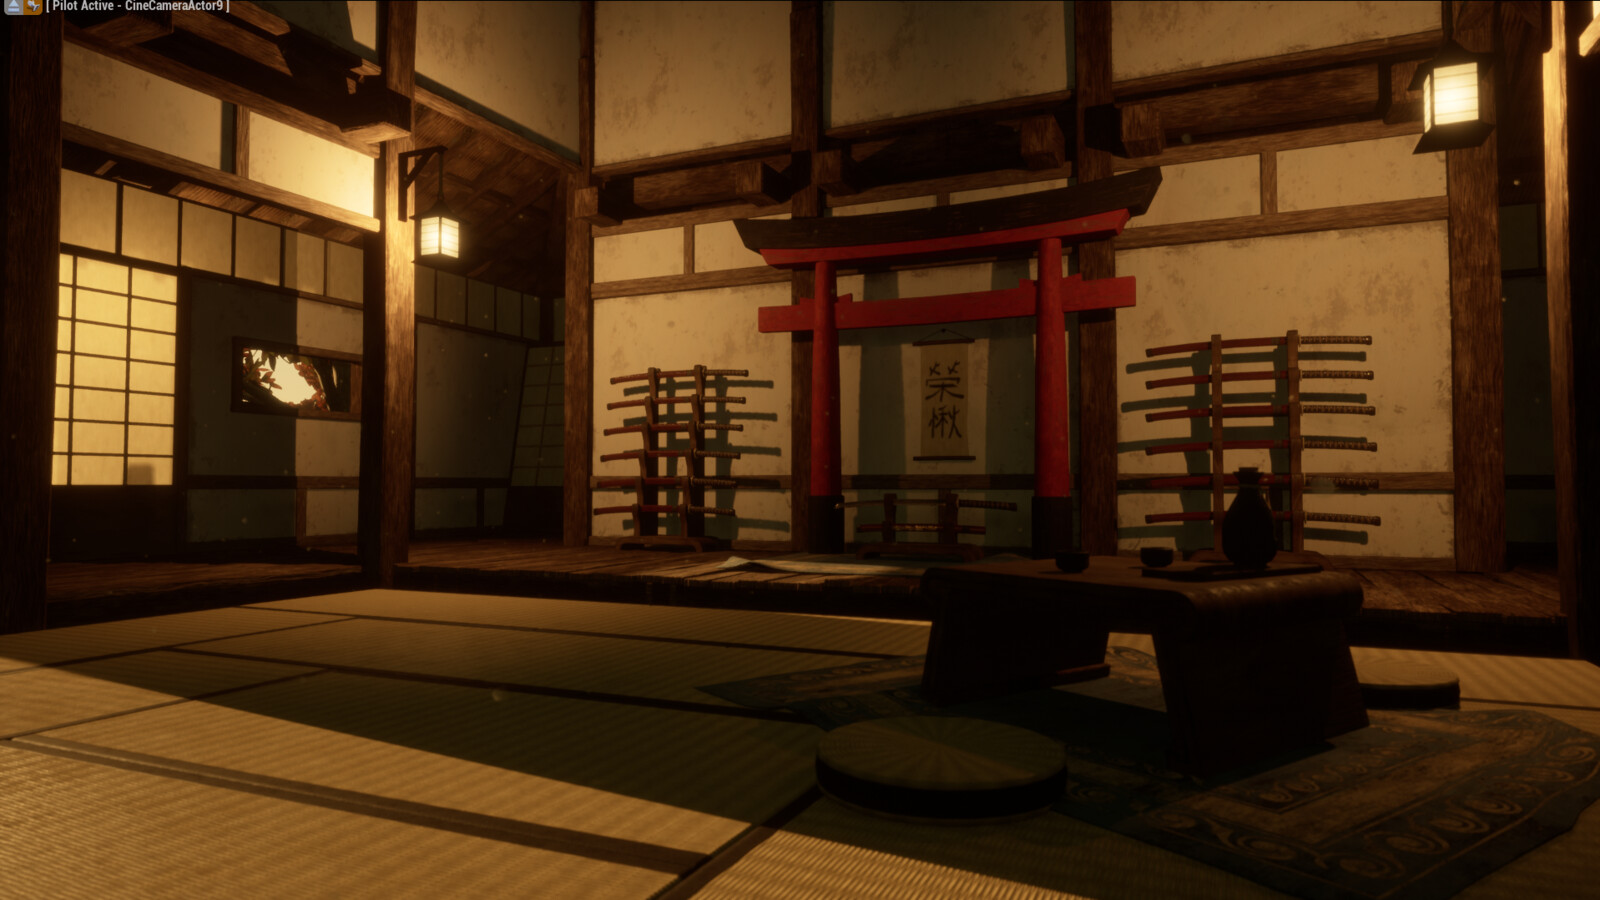 Unreal Engine 4 - Samurai Dojo